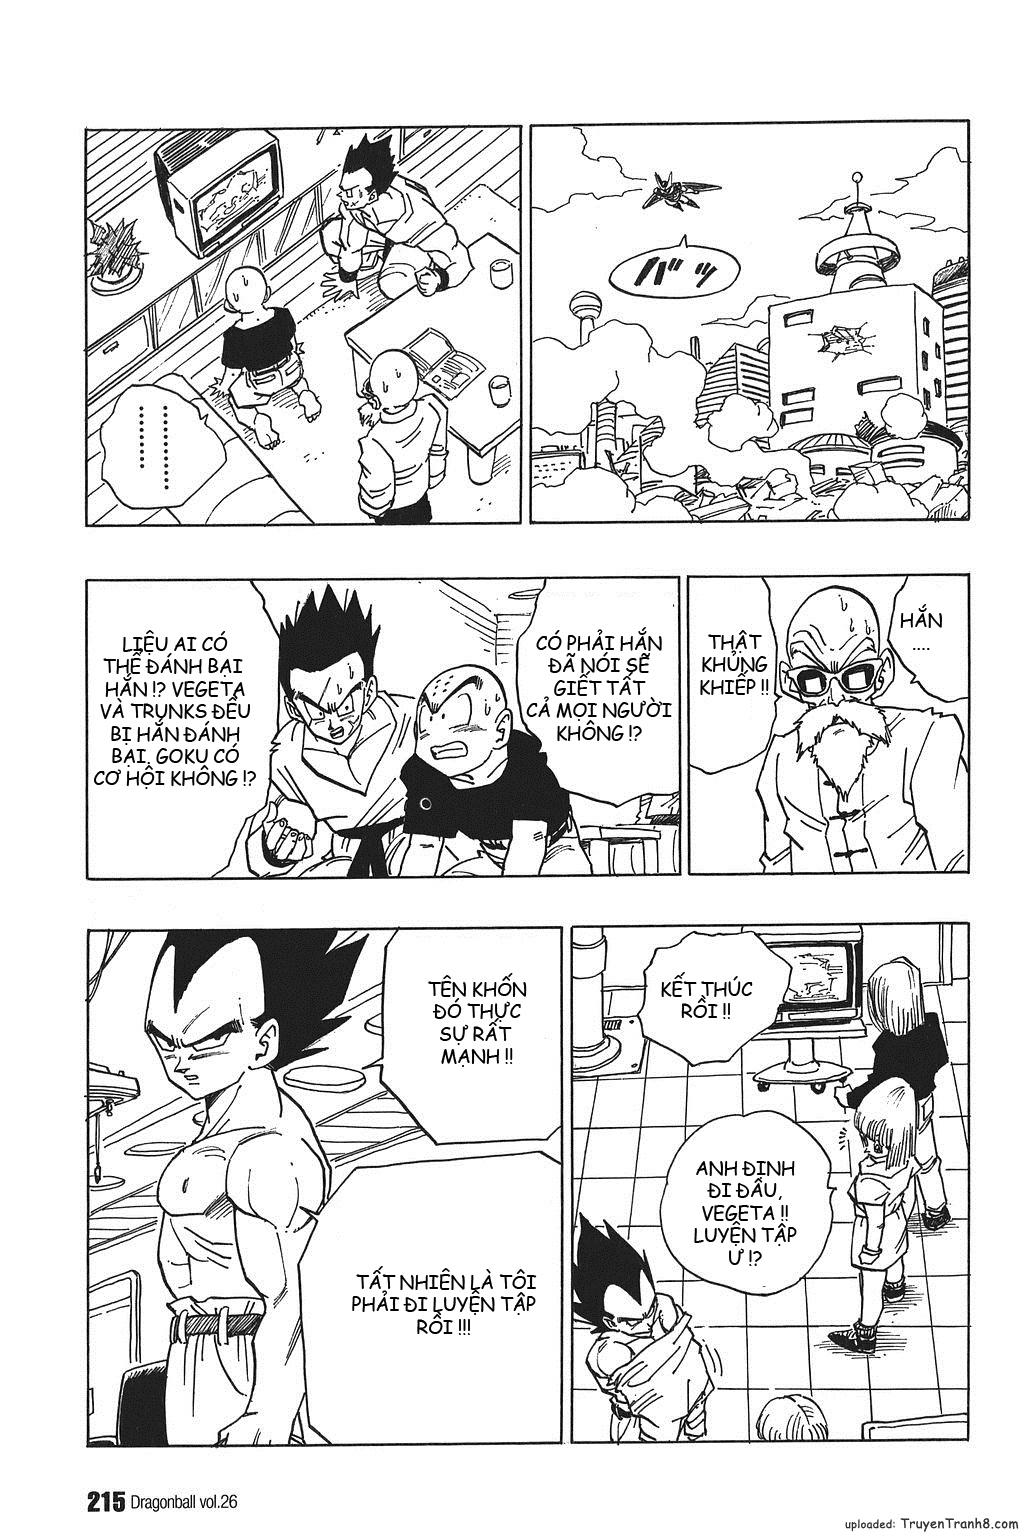 xem truyen moi - Dragon Ball Bản Vip - Bản Đẹp Nguyên Gốc Chap 389